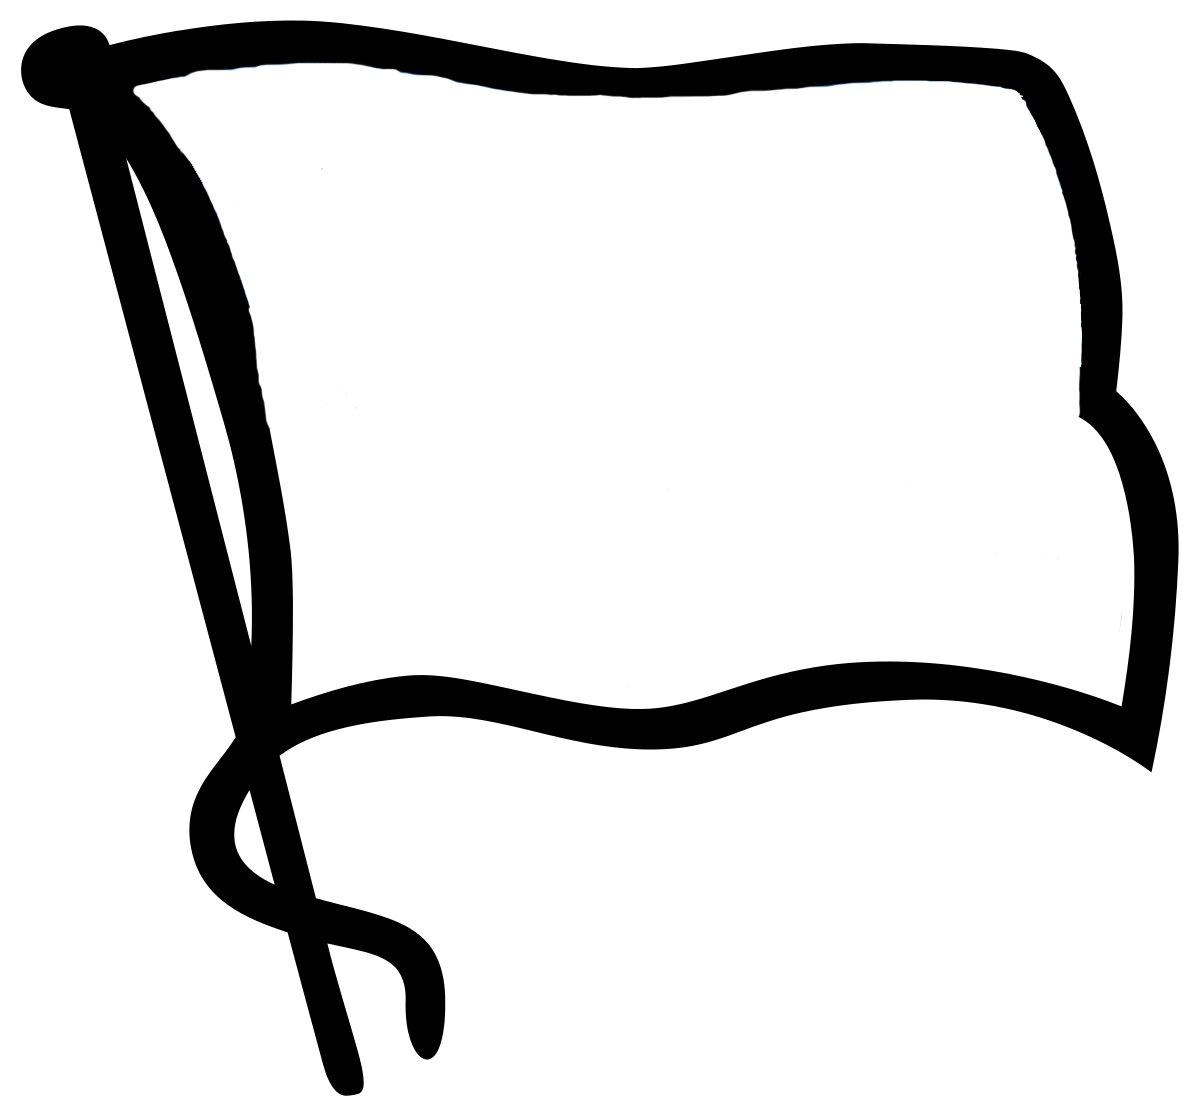 《【恒耀品牌】奥堡官推曾将赫塔队徽P成白旗,输球后遭反讽:自己留着》